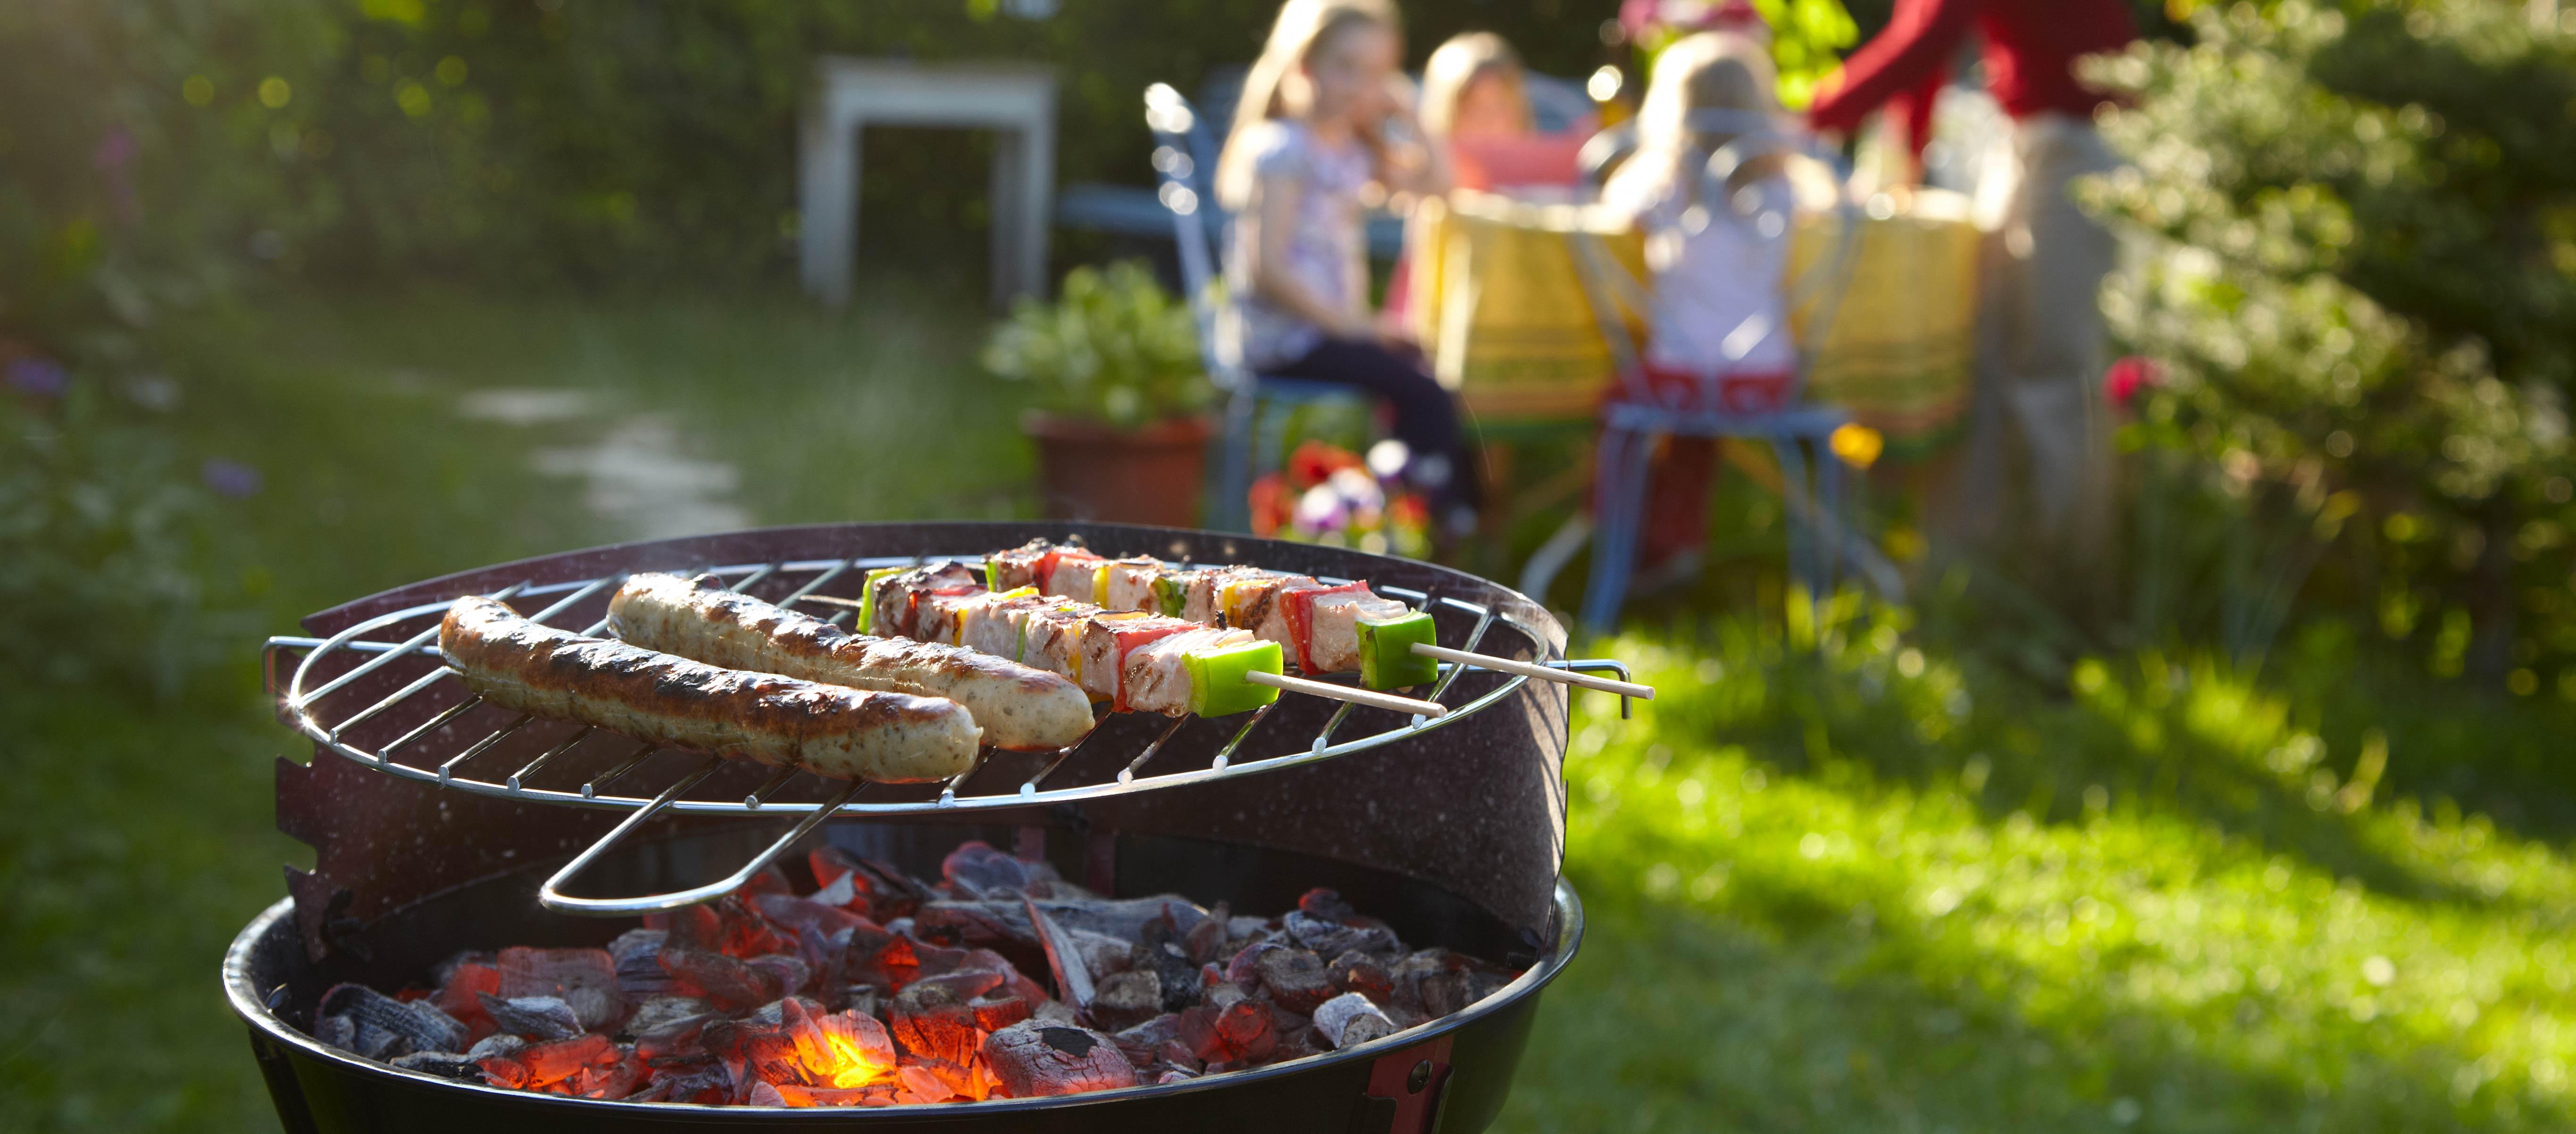 Comment Faire Un Bon Barbecue accidents domestiques : comment faire un barbecue avec des